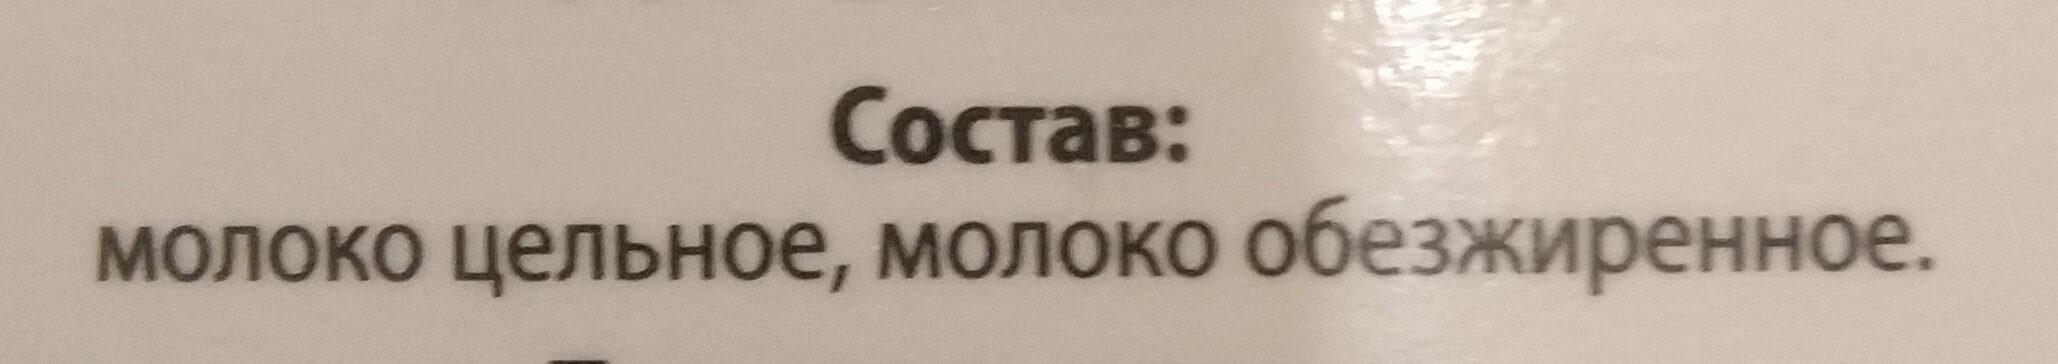 Молоко питьевое пастеризованное - Ингредиенты - ru